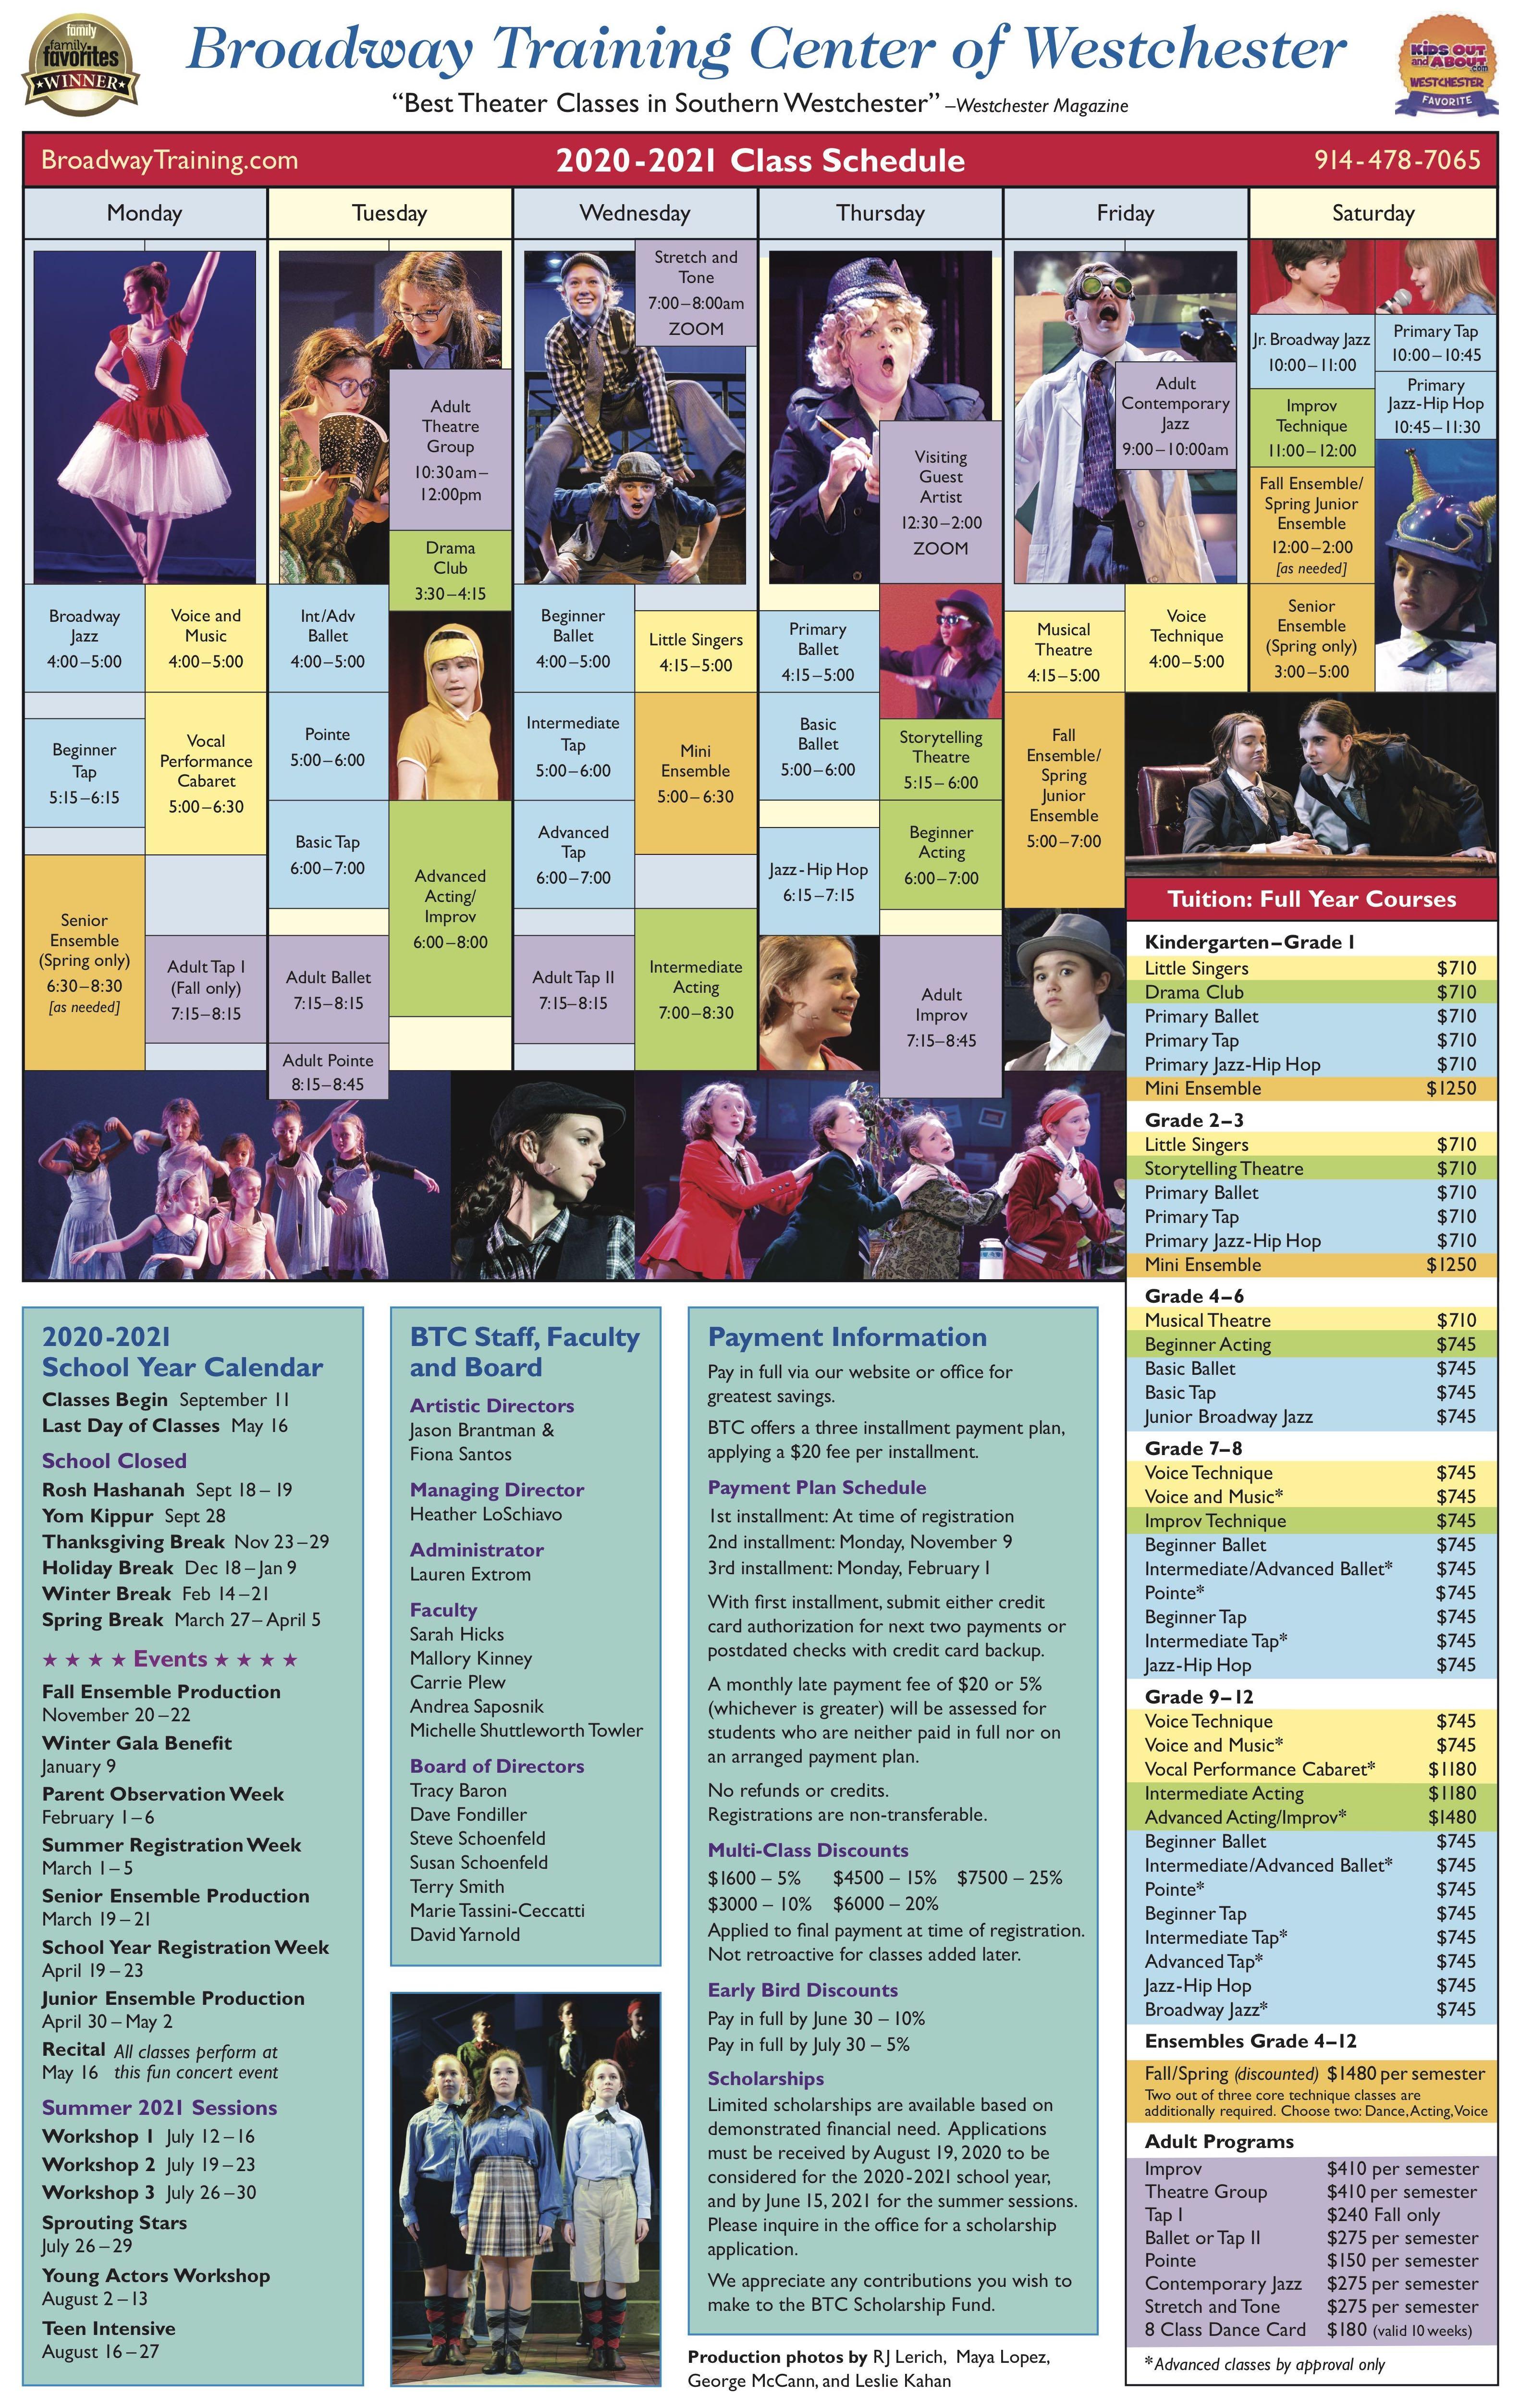 Class Schedule 20-21